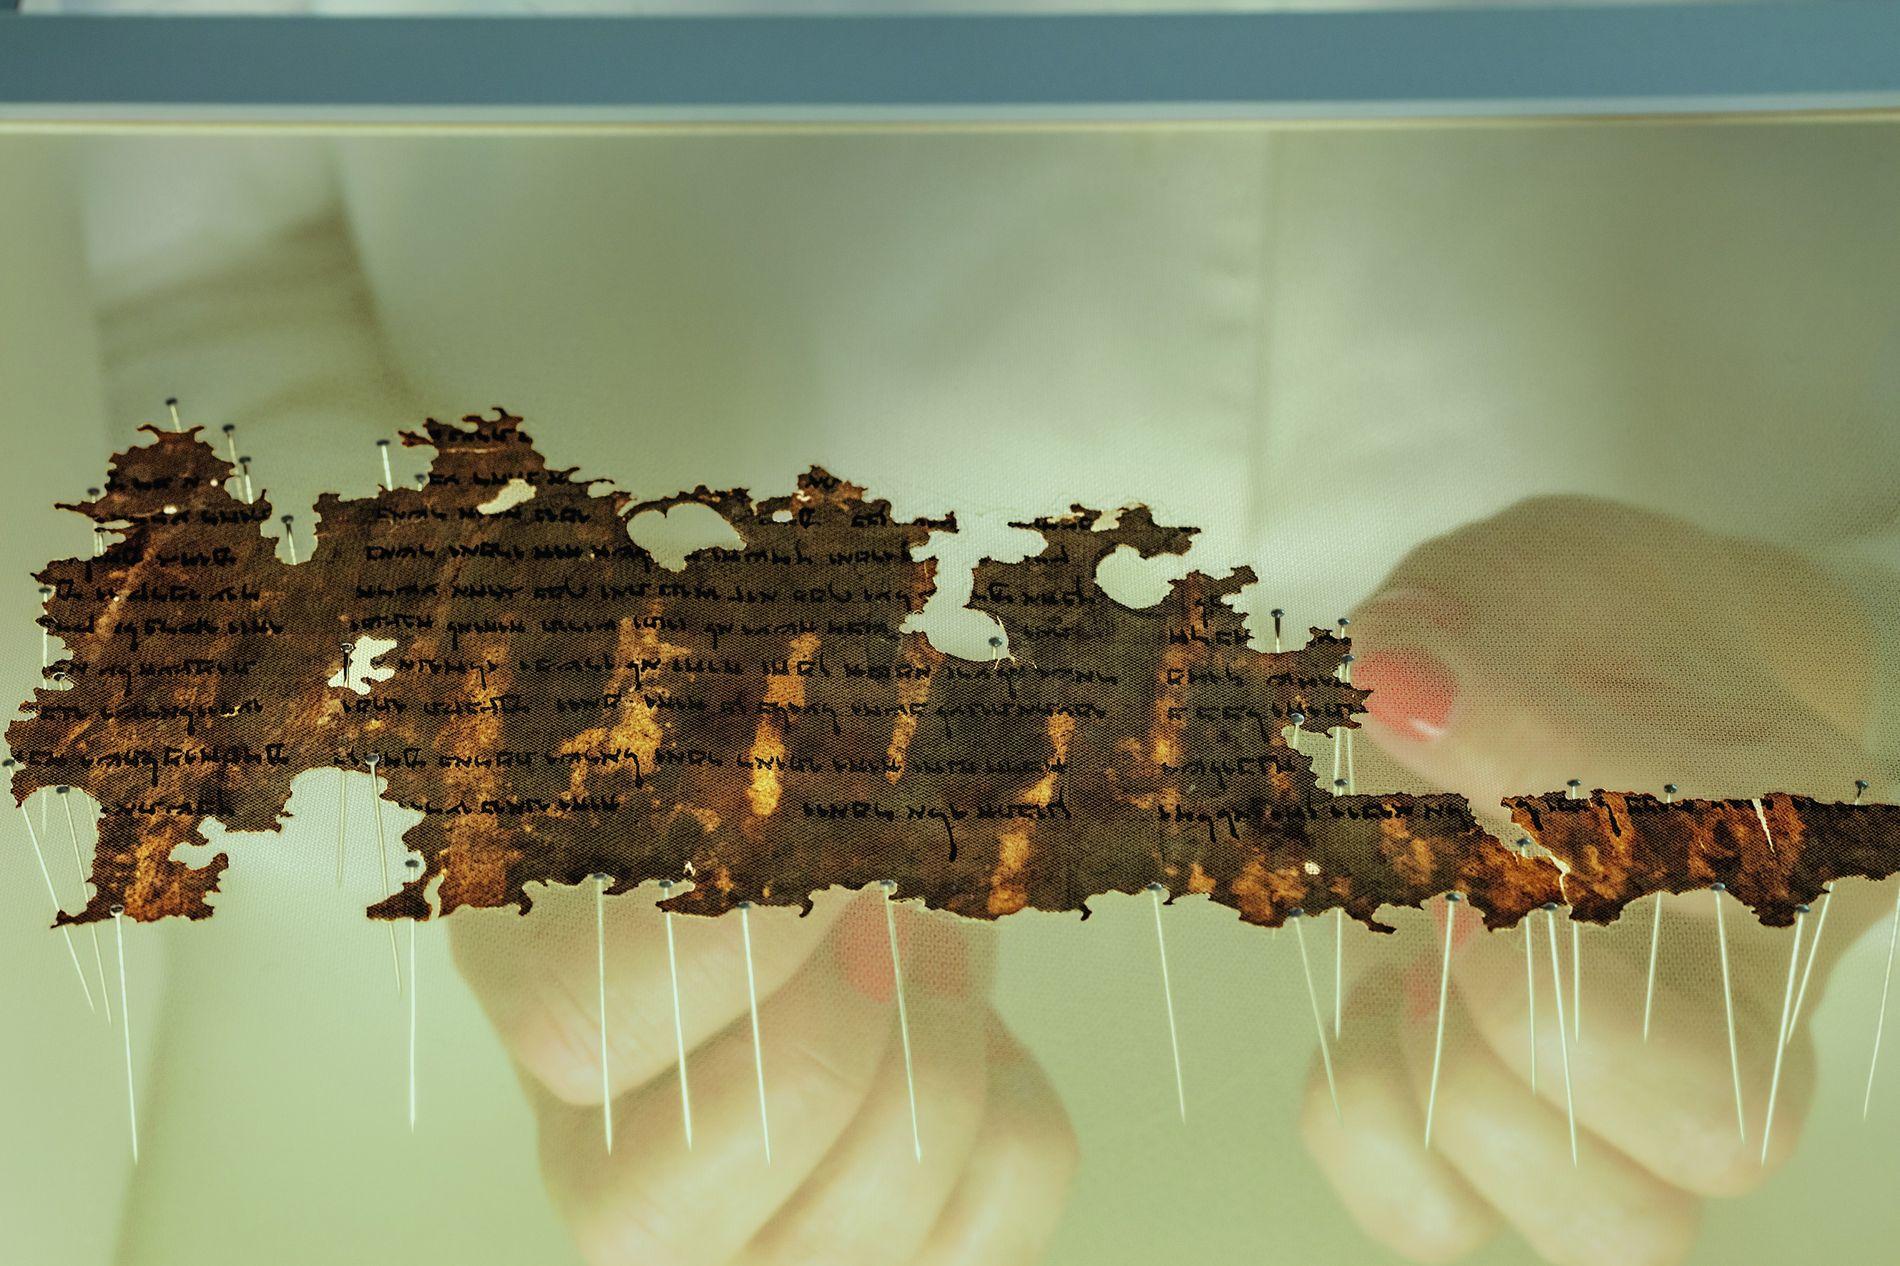 Eine Konservatorin der israelischen Antikenbehörde hält ein Fragment der Schriftrollen vom Toten Meer. Zum Schutz liegt ...